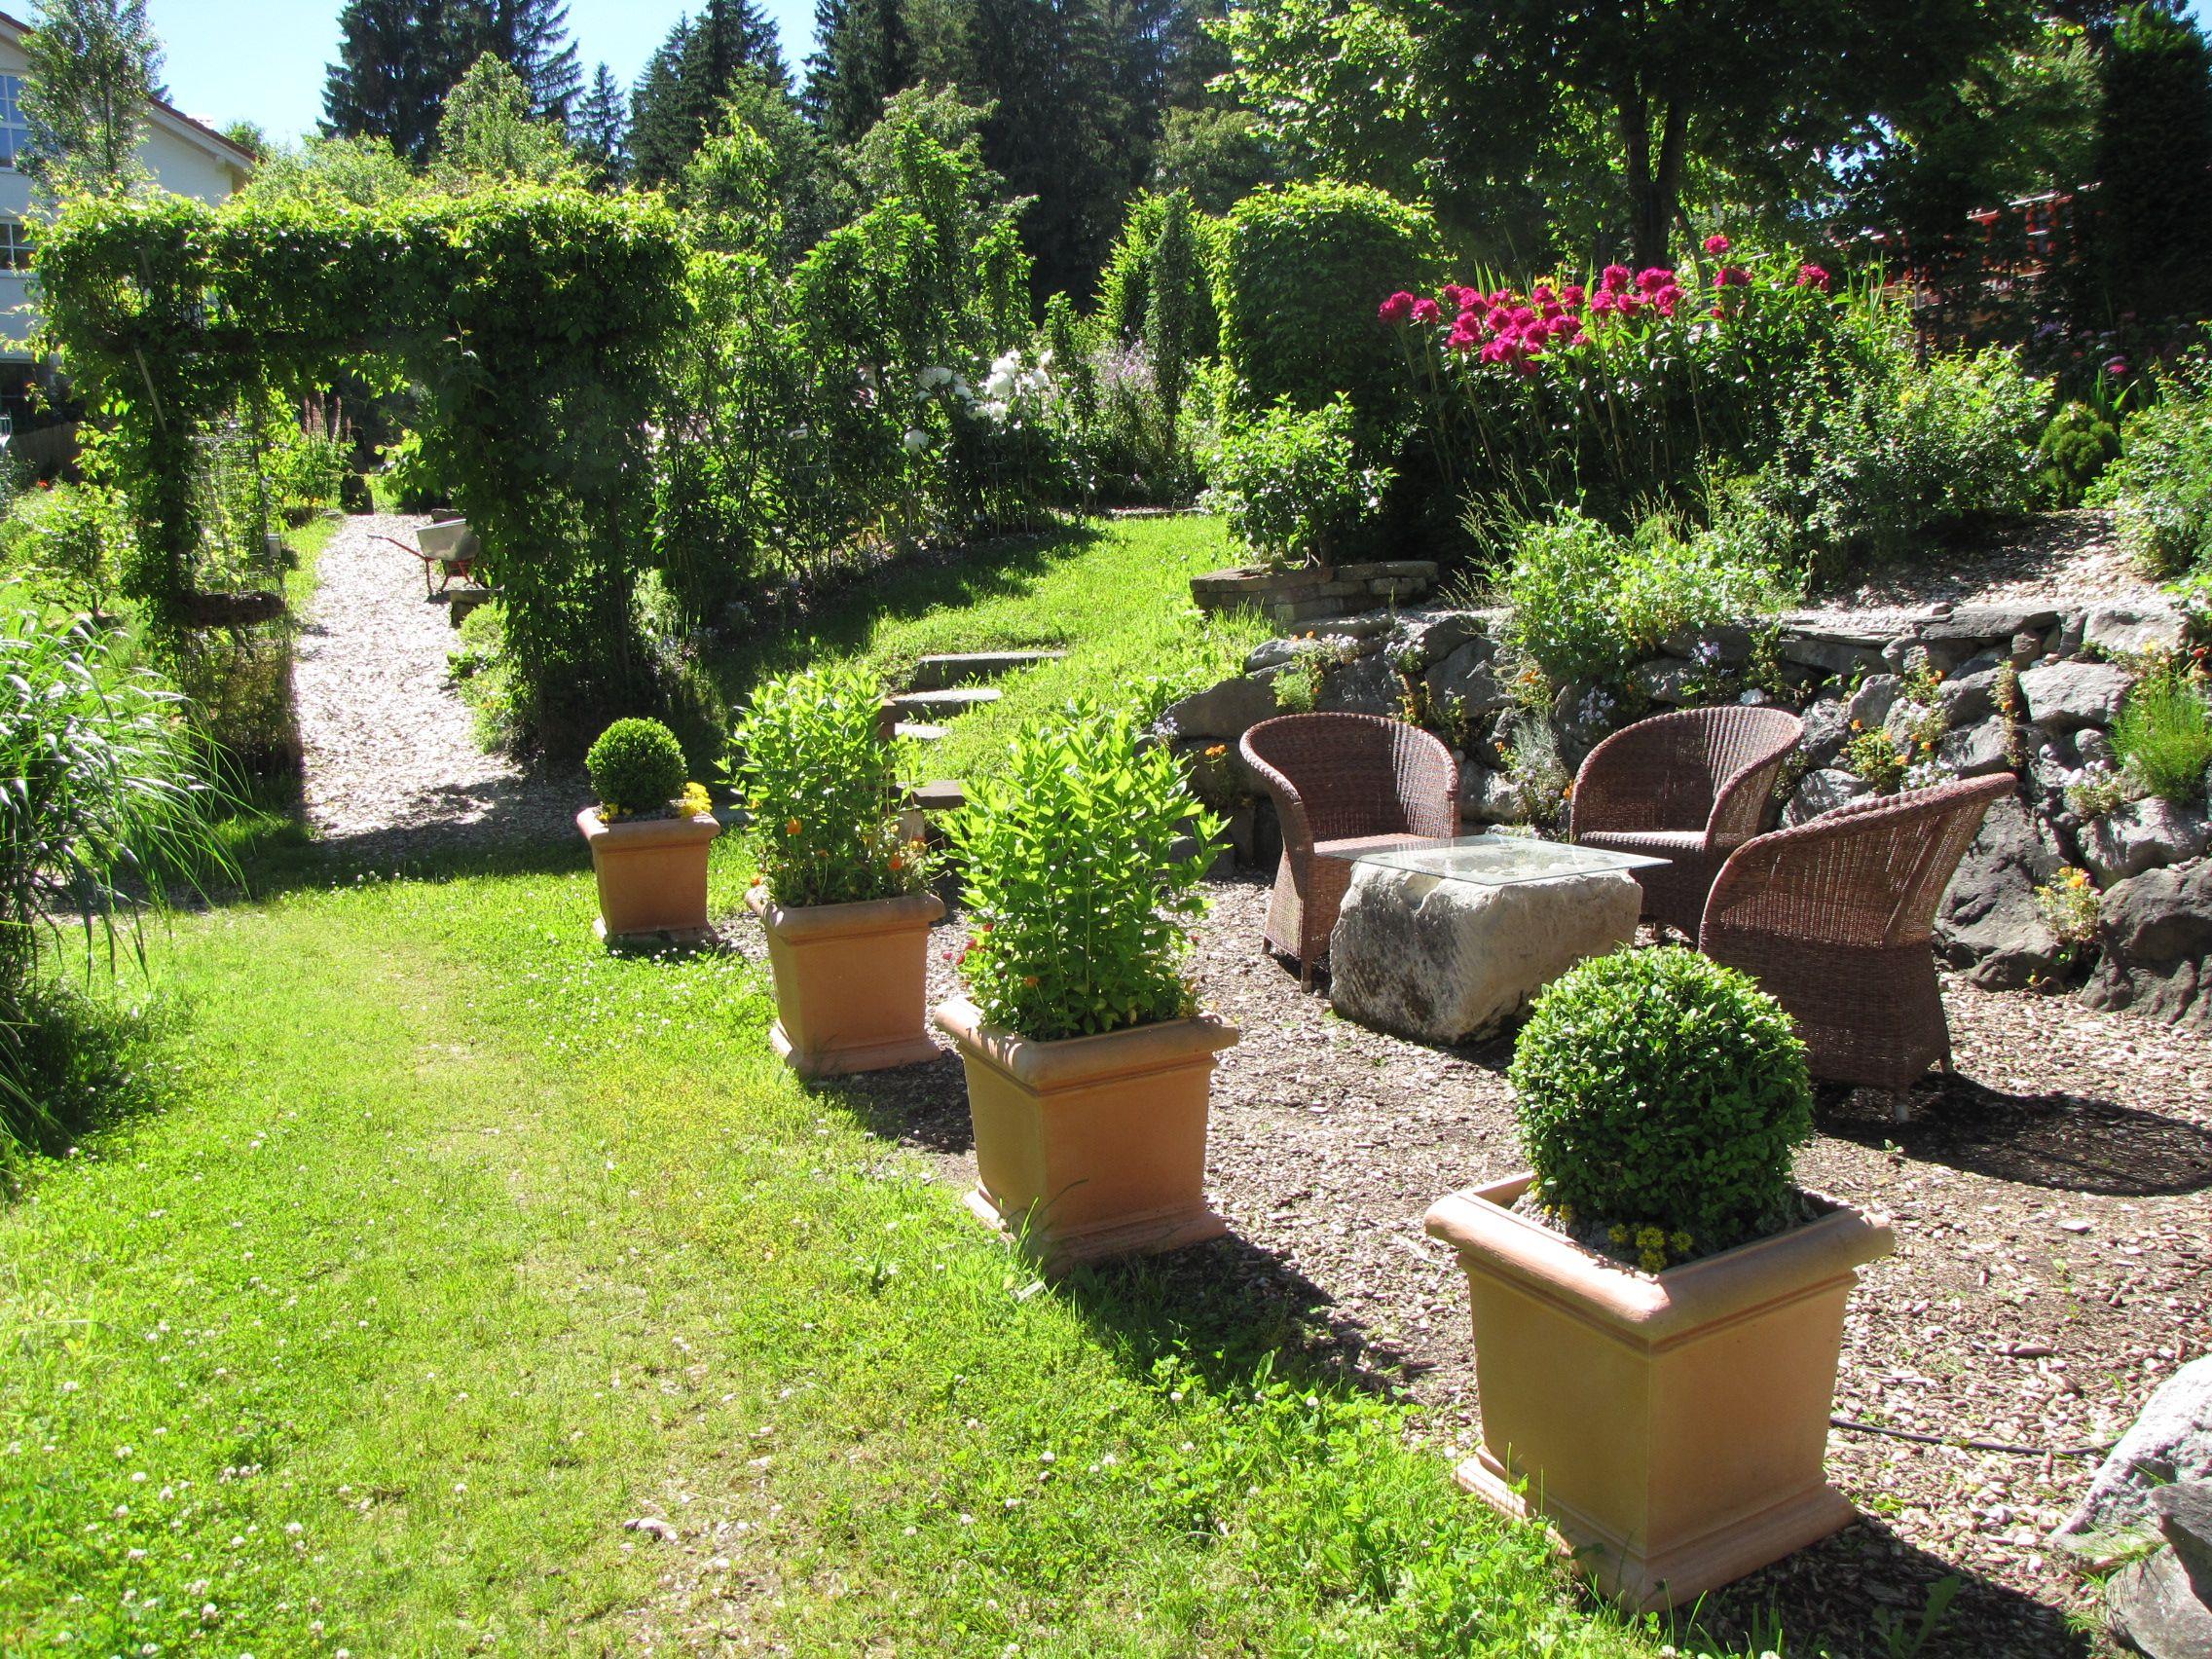 gemütlicher sitzplatz an einer steinmauer im paradiesgarten maag ... - Sitzplatz Im Garten Mit Steinmauer